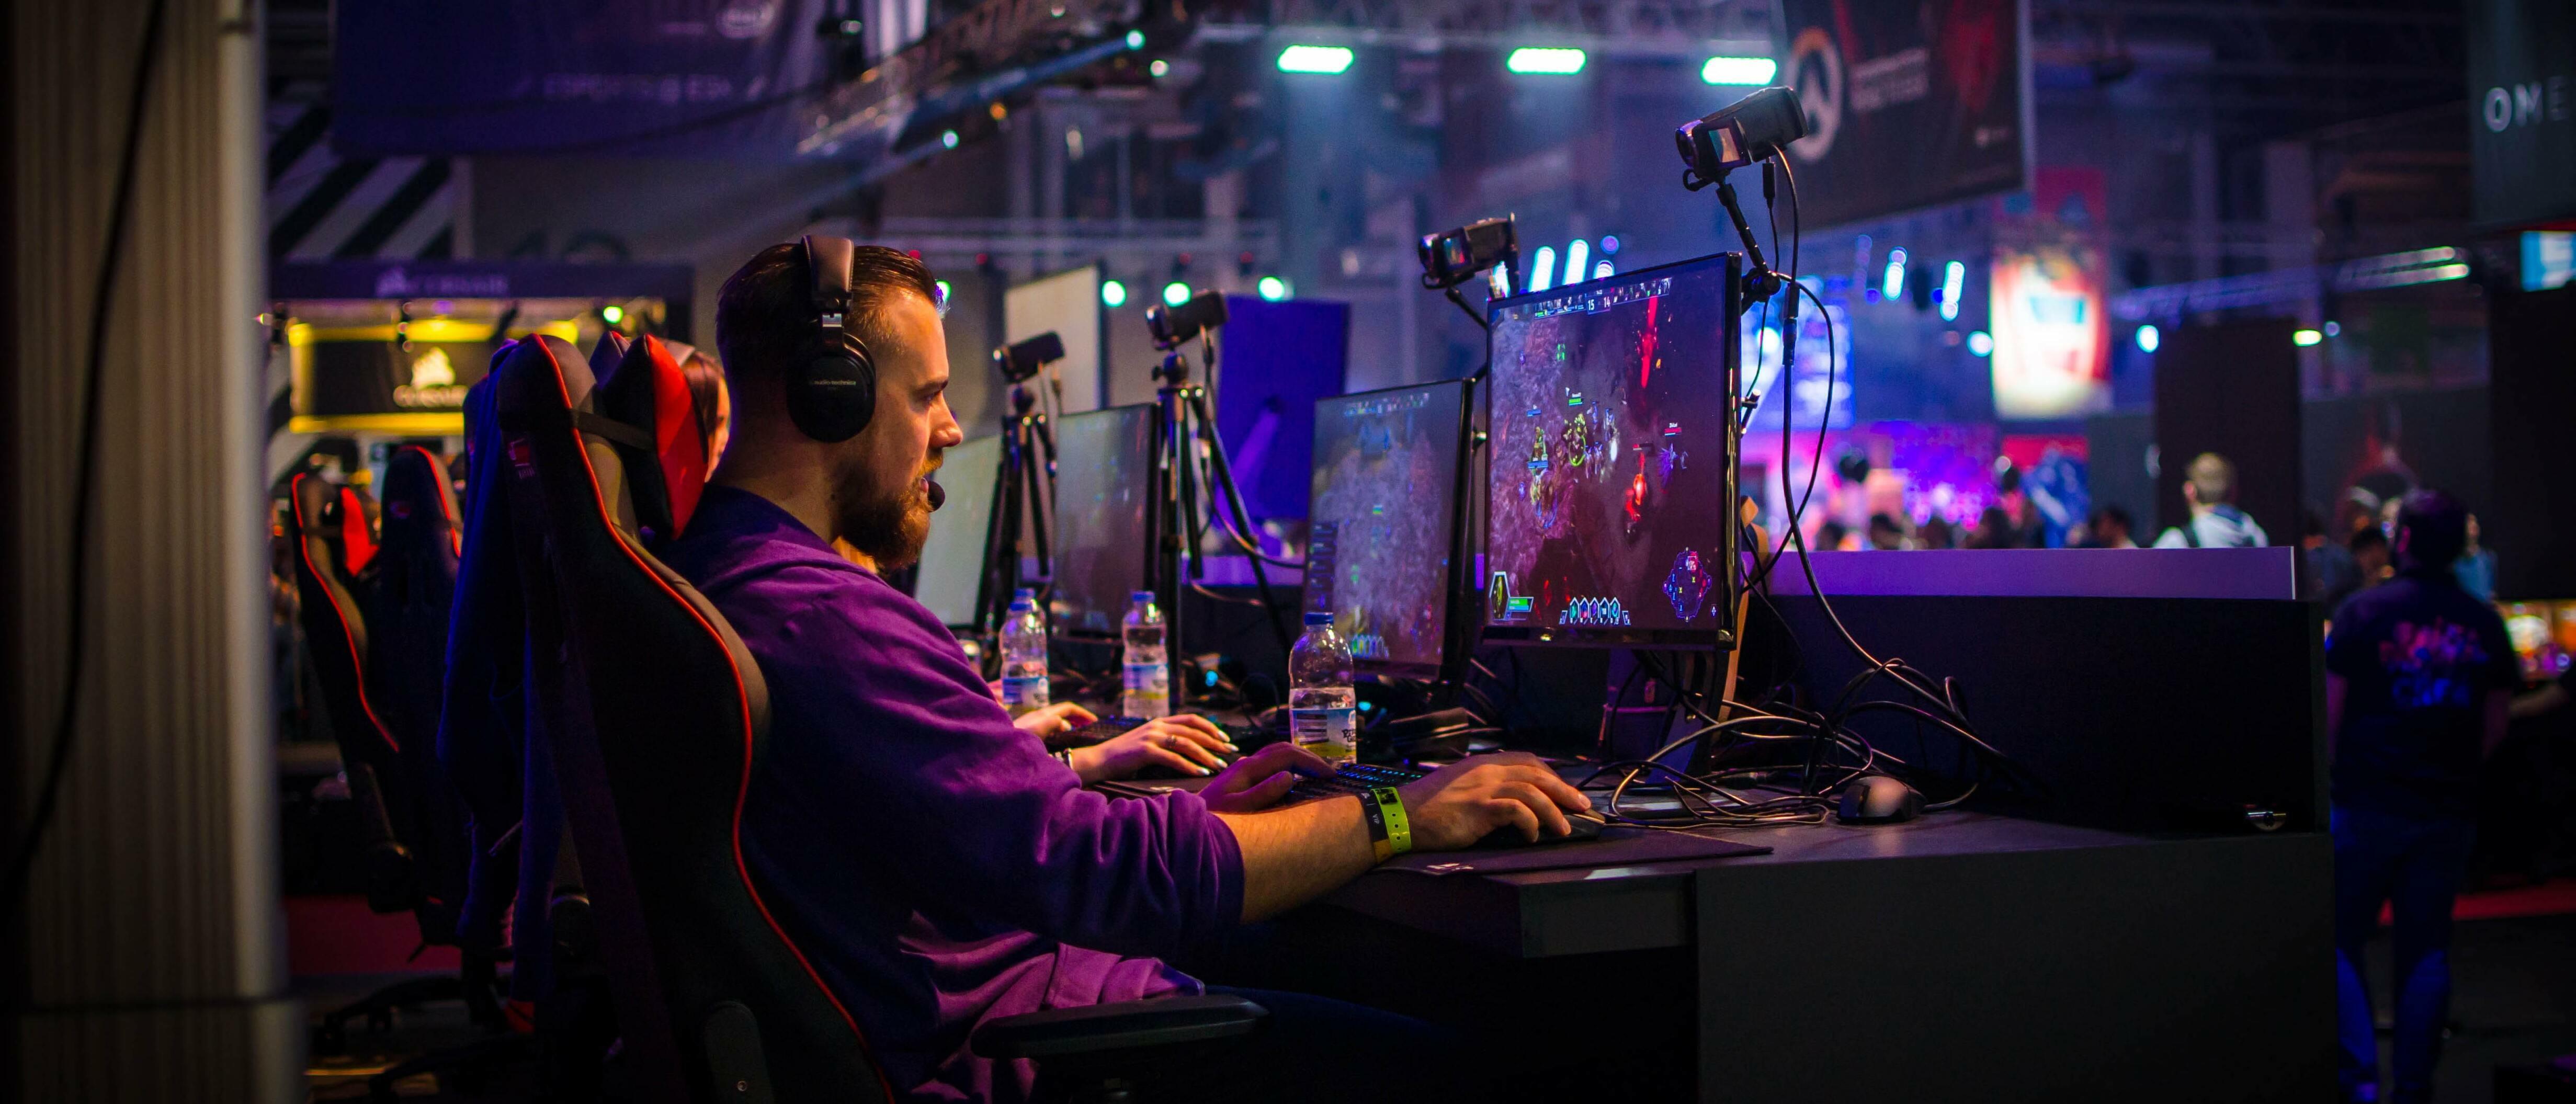 E-urheilu eli eSports ja miten muuten sen voikaan kirjoittaa